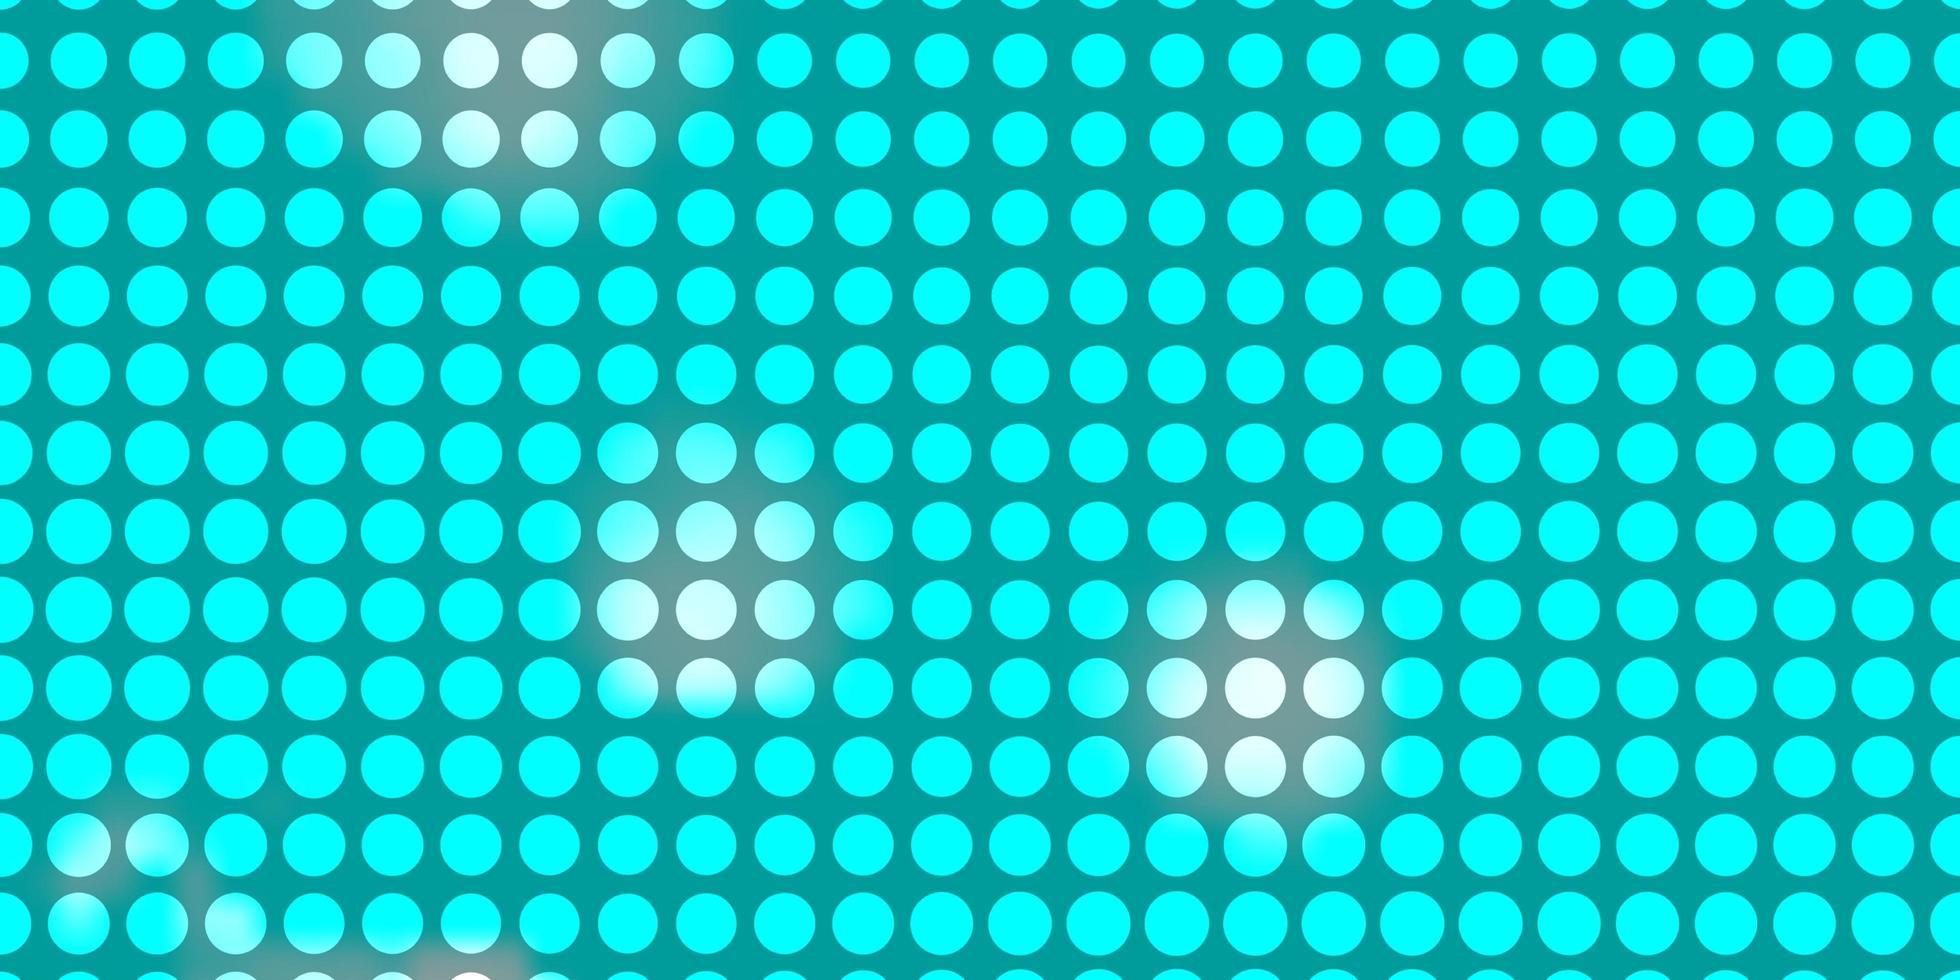 diseño azul con círculos. vector